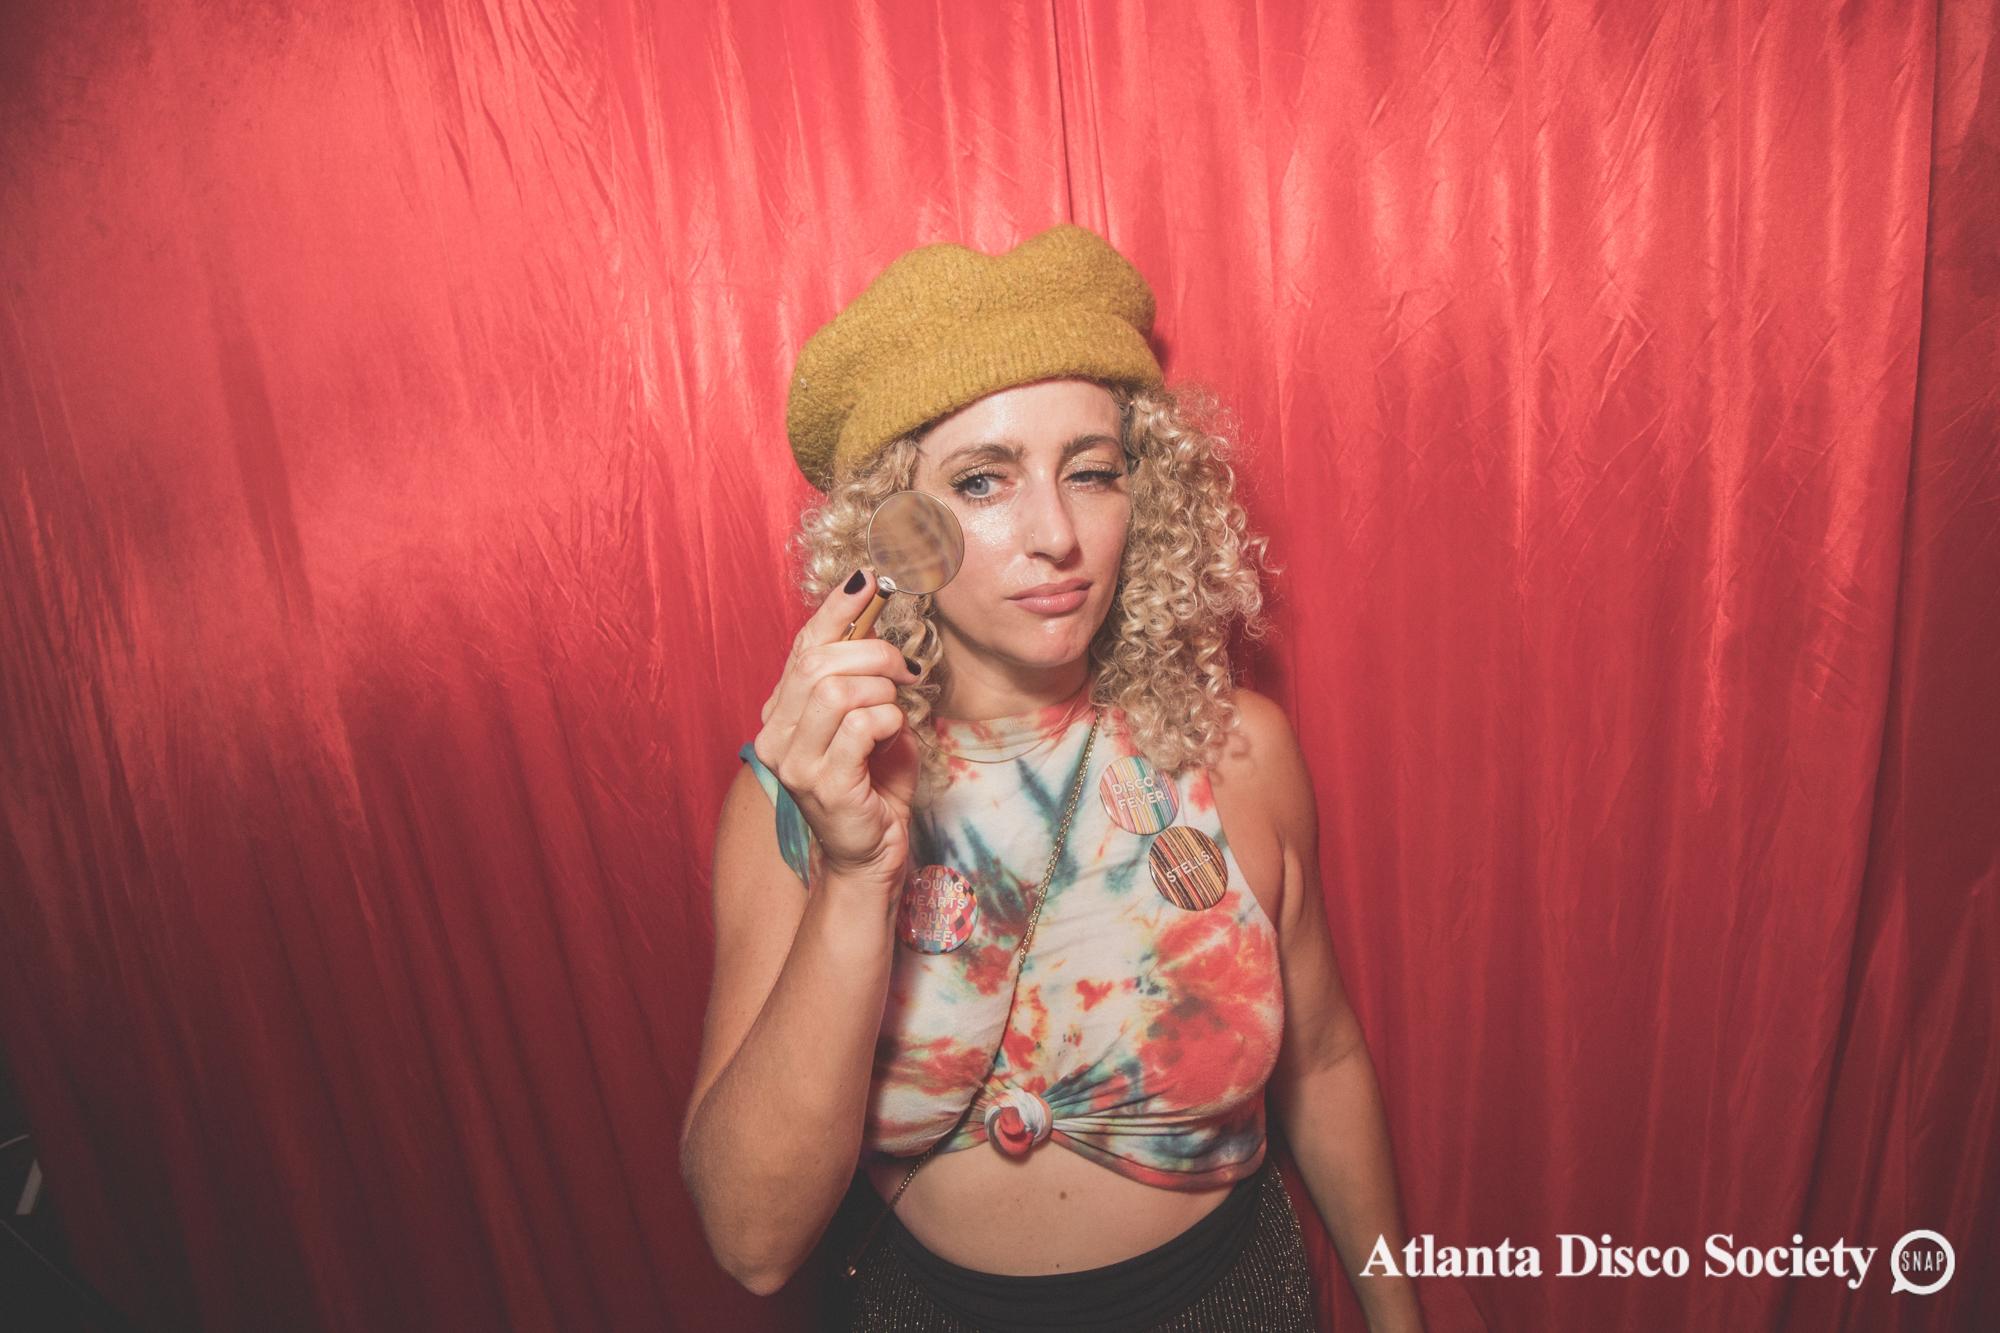 116Atlanta Disco Society Grace Kelly Oh Snap Kid 7.27.19.jpg